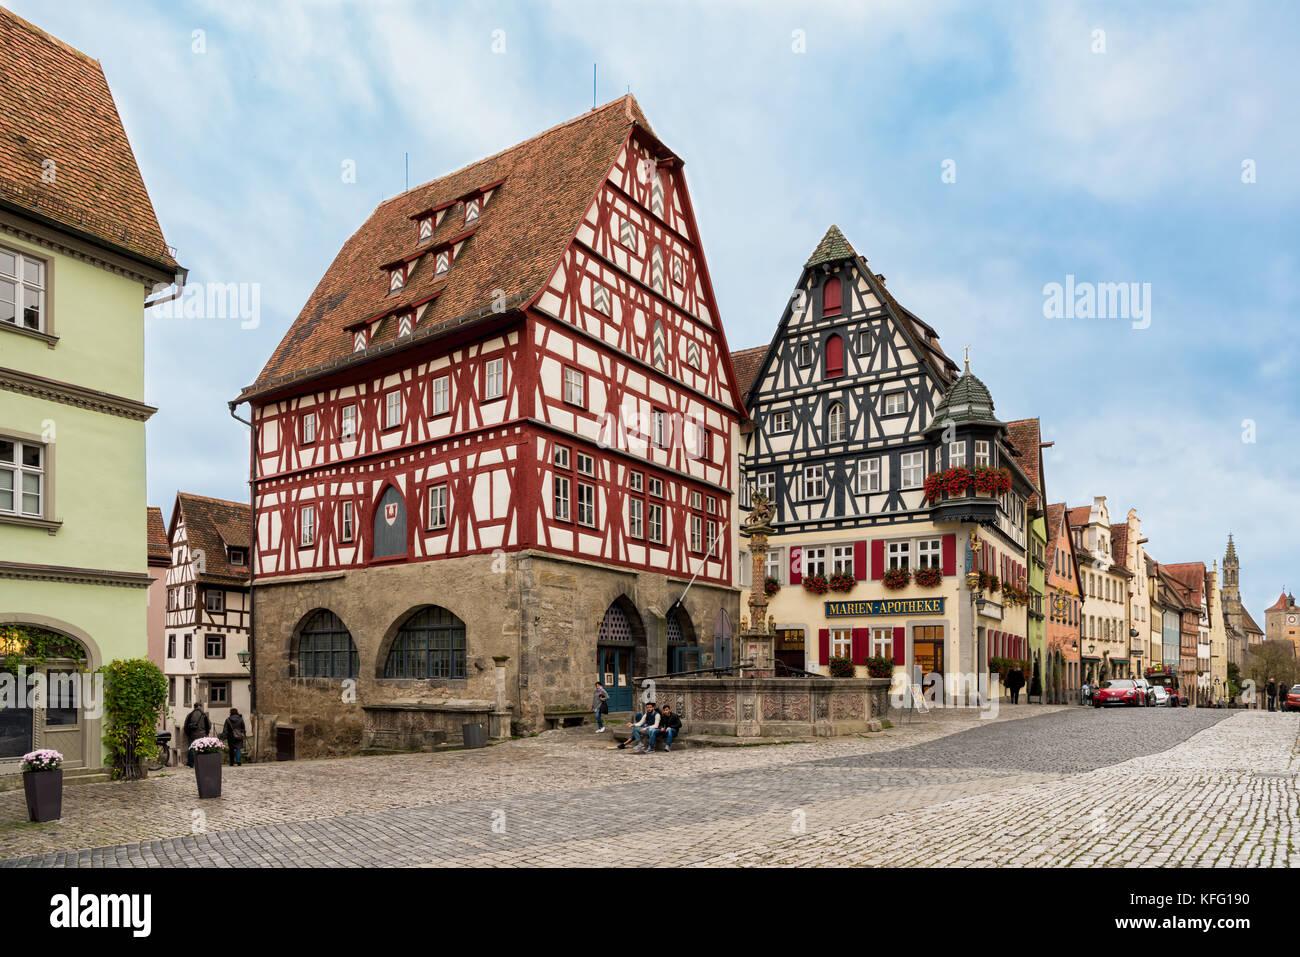 Rothenburg ob der Tauber, Deutschland - Oktober 24, 2017: Unbekannter Touristen Spaziergang entlang der historischen Stockbild